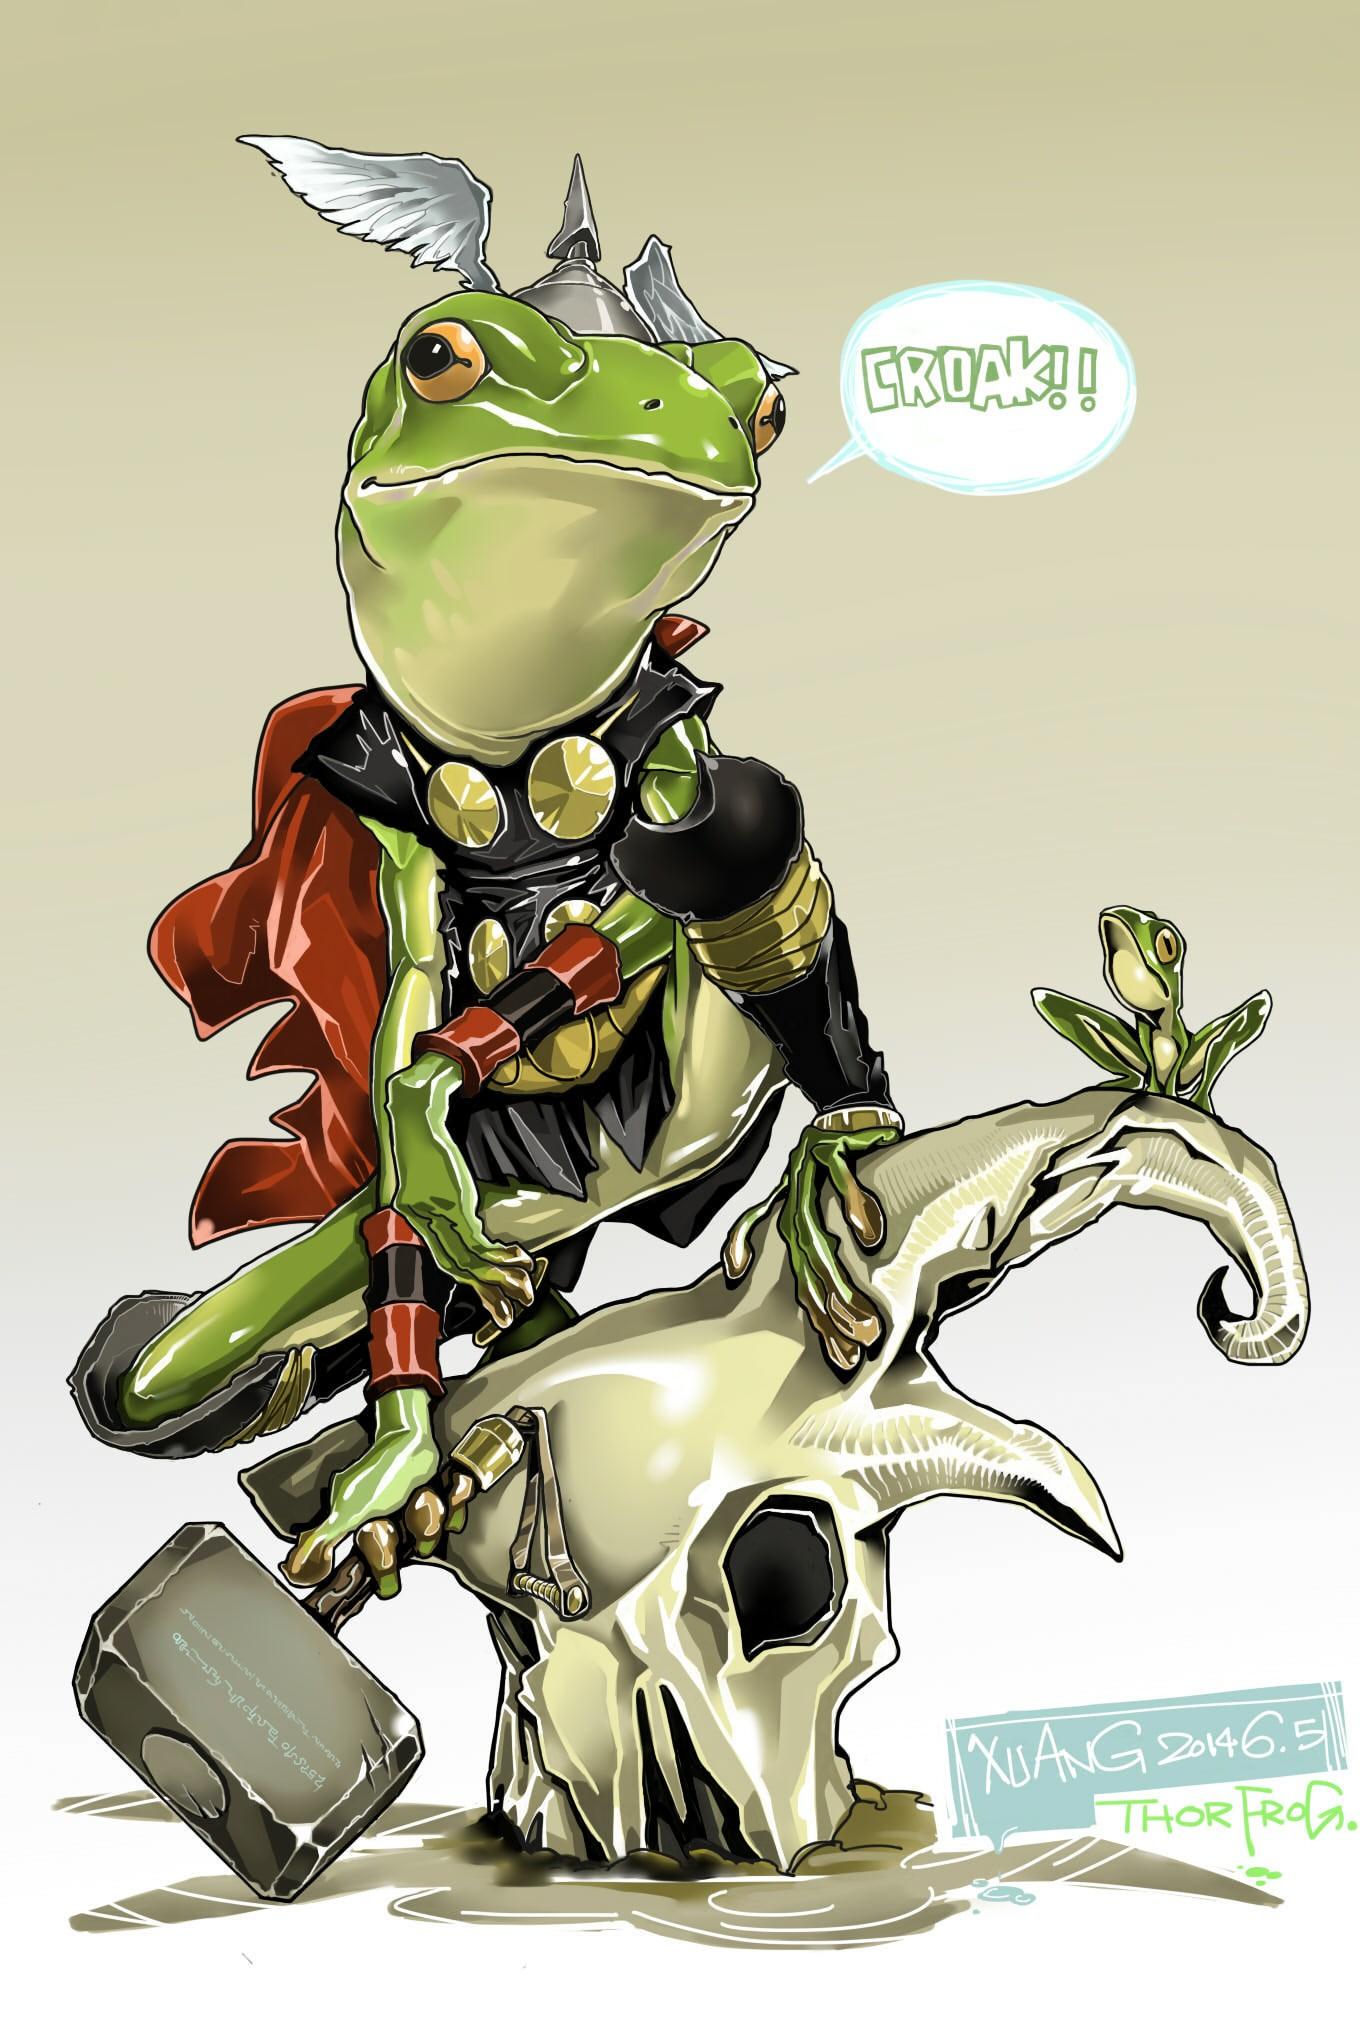 卢西奥宇宙蛙头像